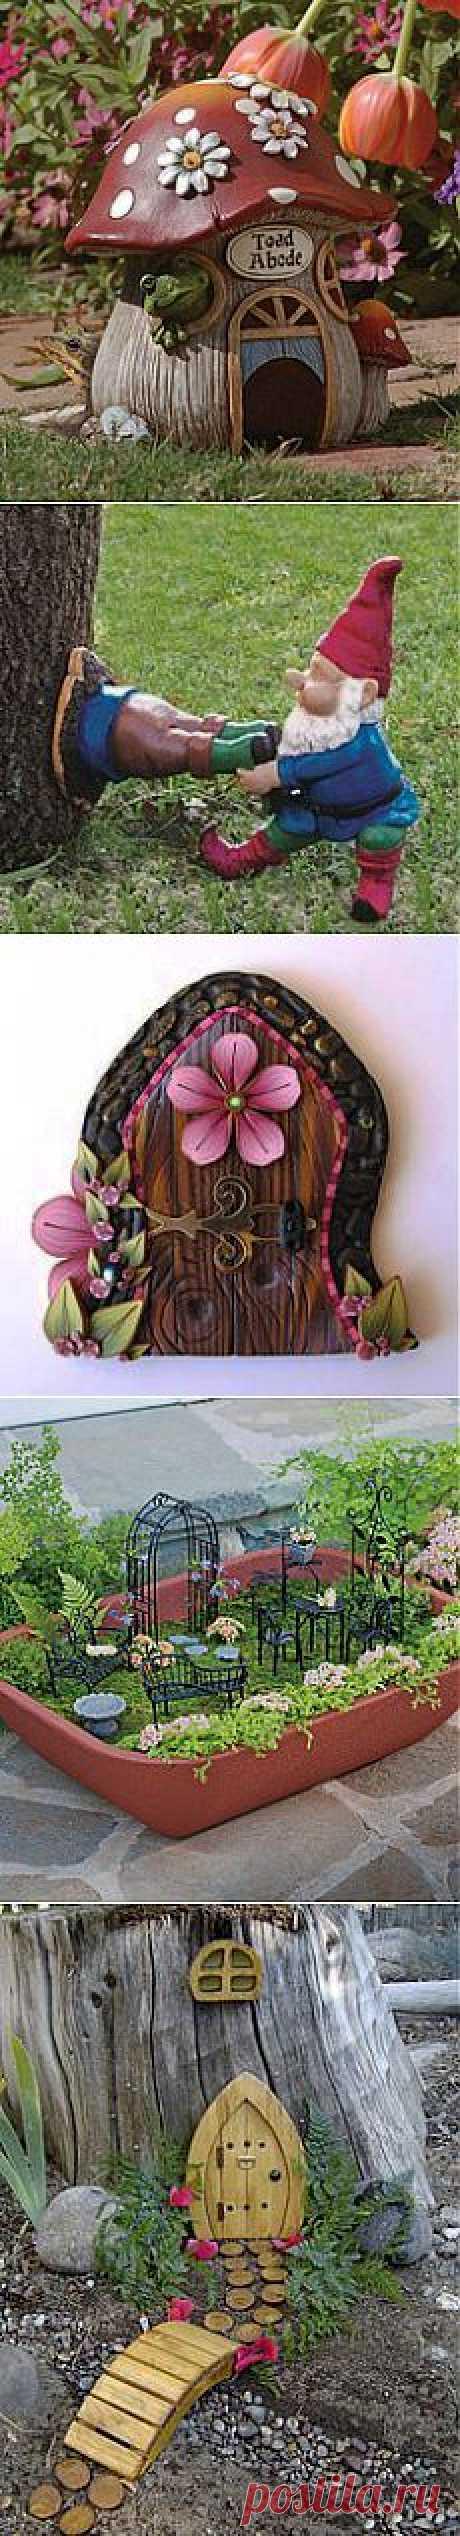 Gardening: Fairy Gardens в Pinterest